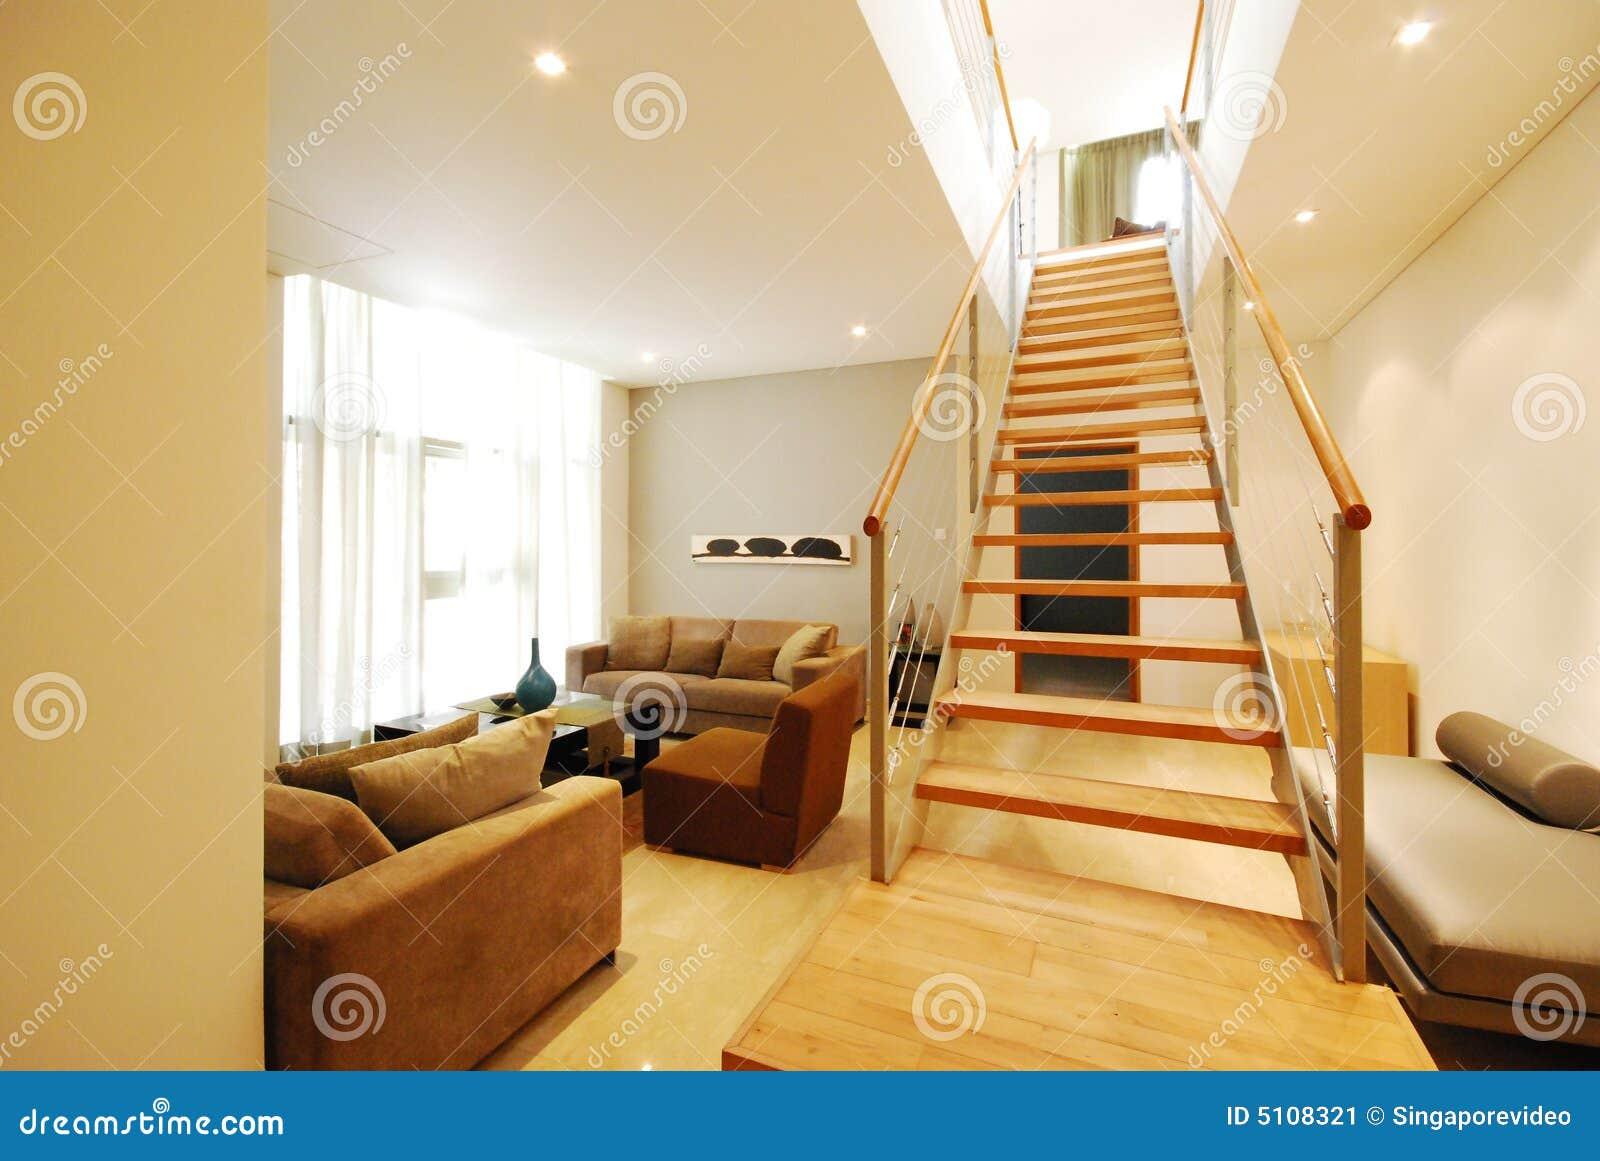 Modern Basement living room in the city